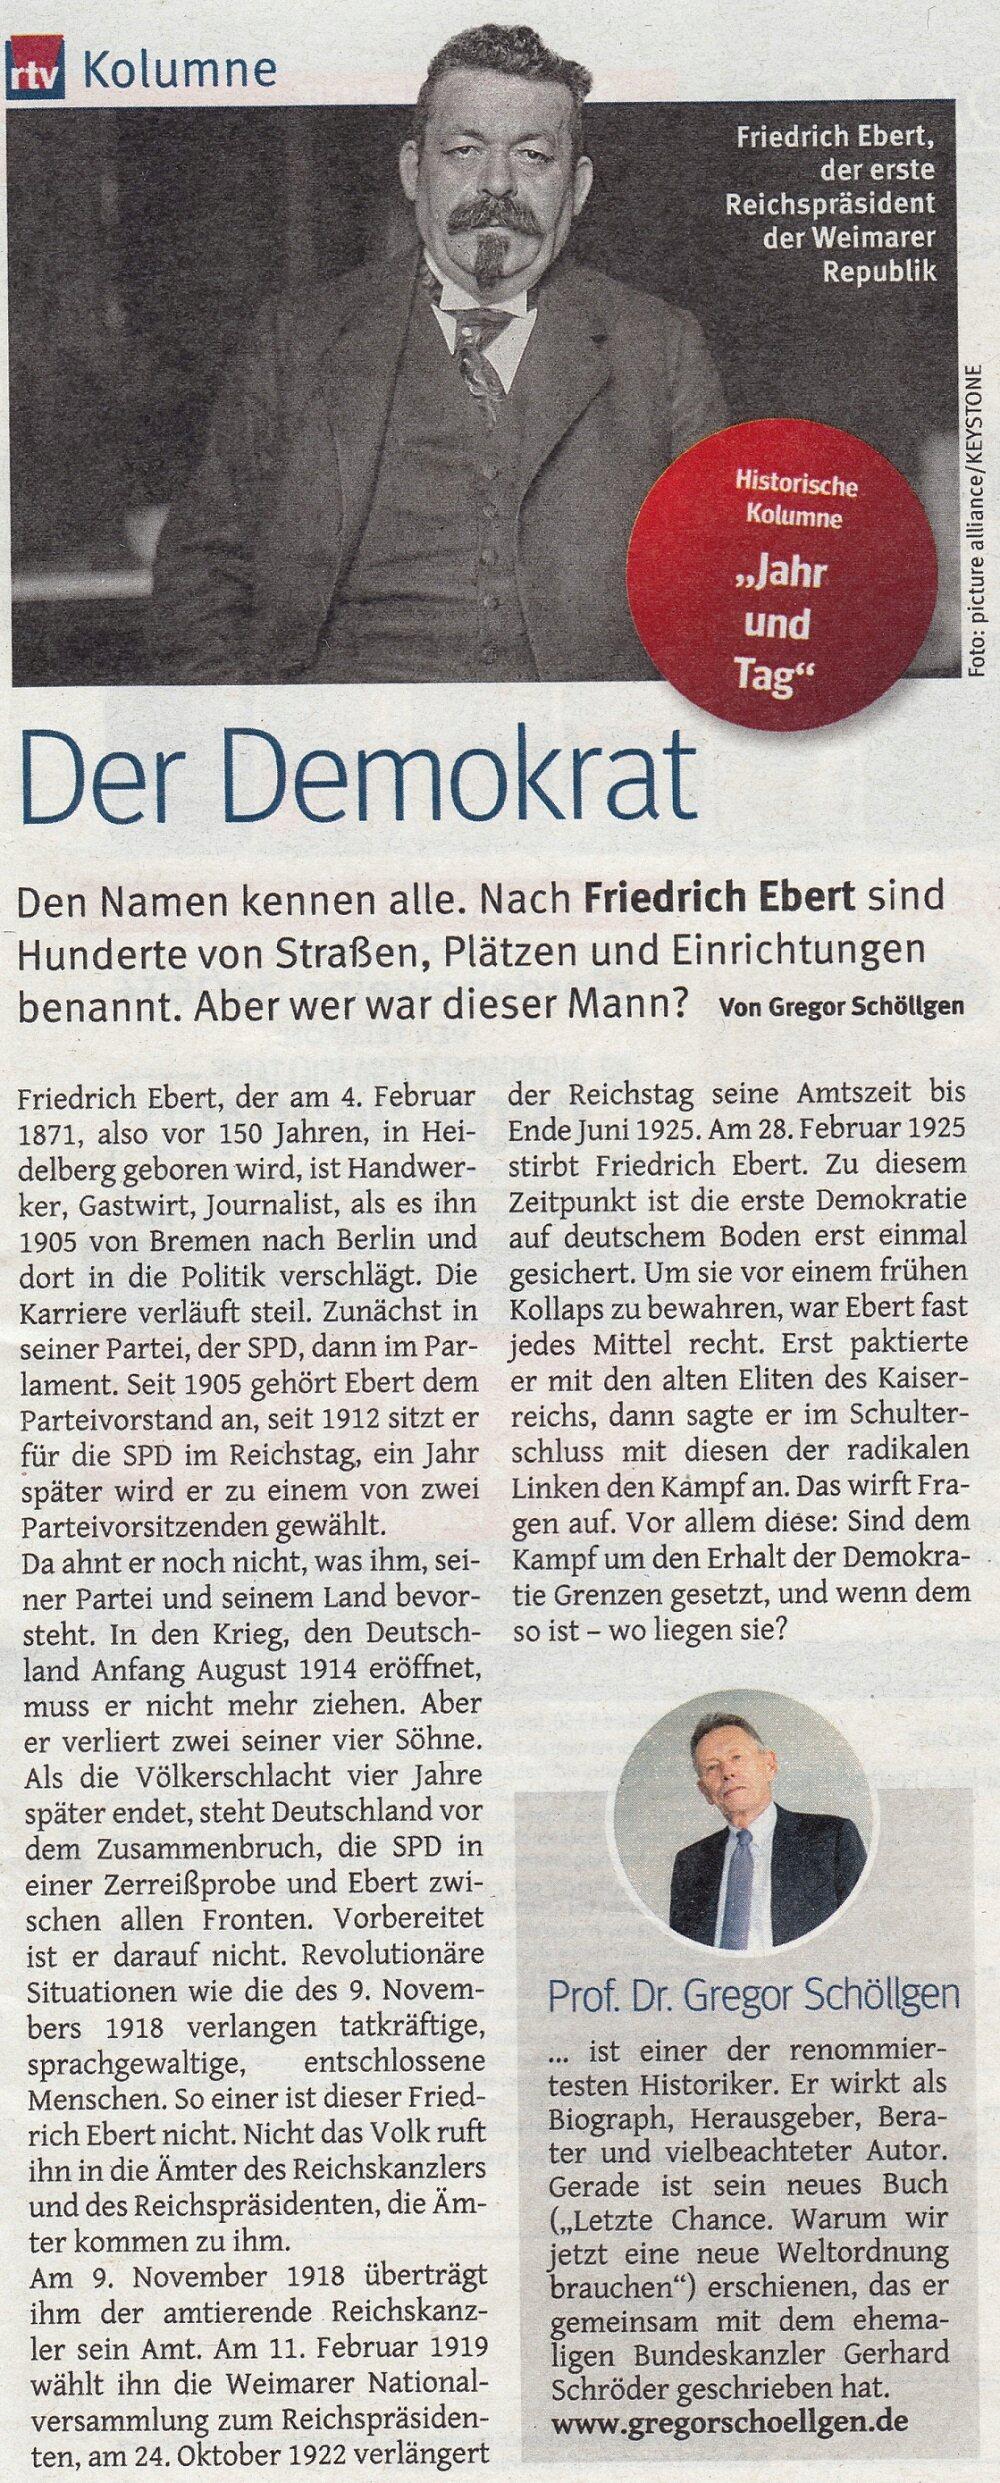 Reichspräsident Friedrich Ebert Ebert110